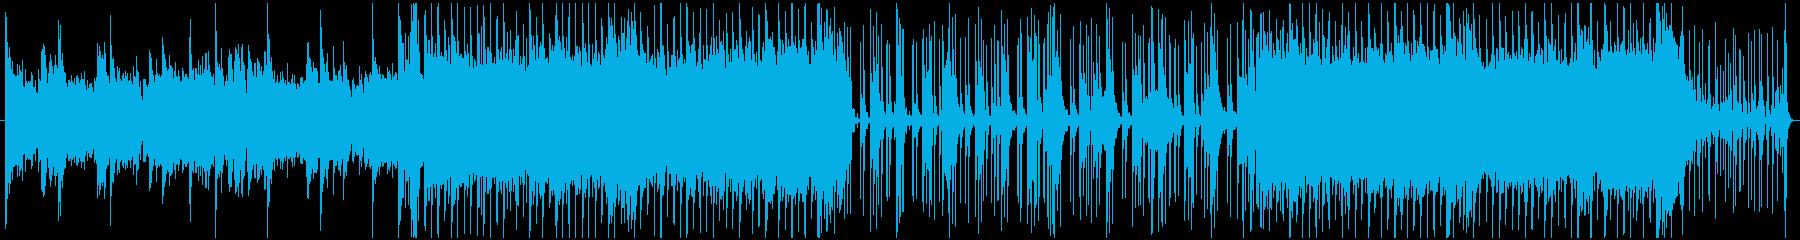 爽やか系アコースティックBGMの再生済みの波形